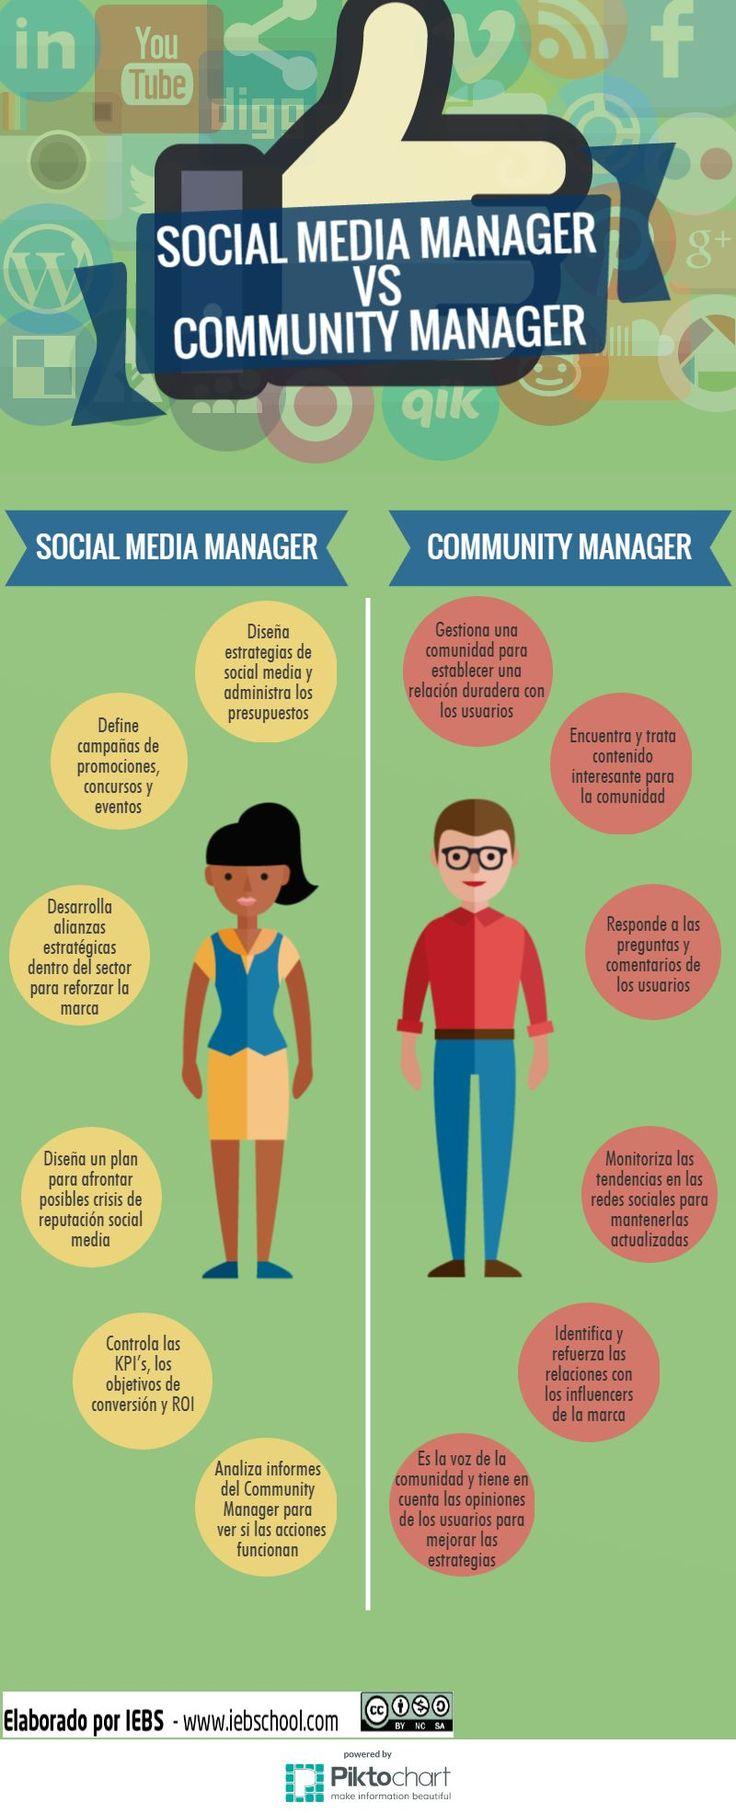 Descubre las diferencias entre Social Media Manager y Community Manager, dos profesionales del marketing y las redes sociales con distintas funciones.